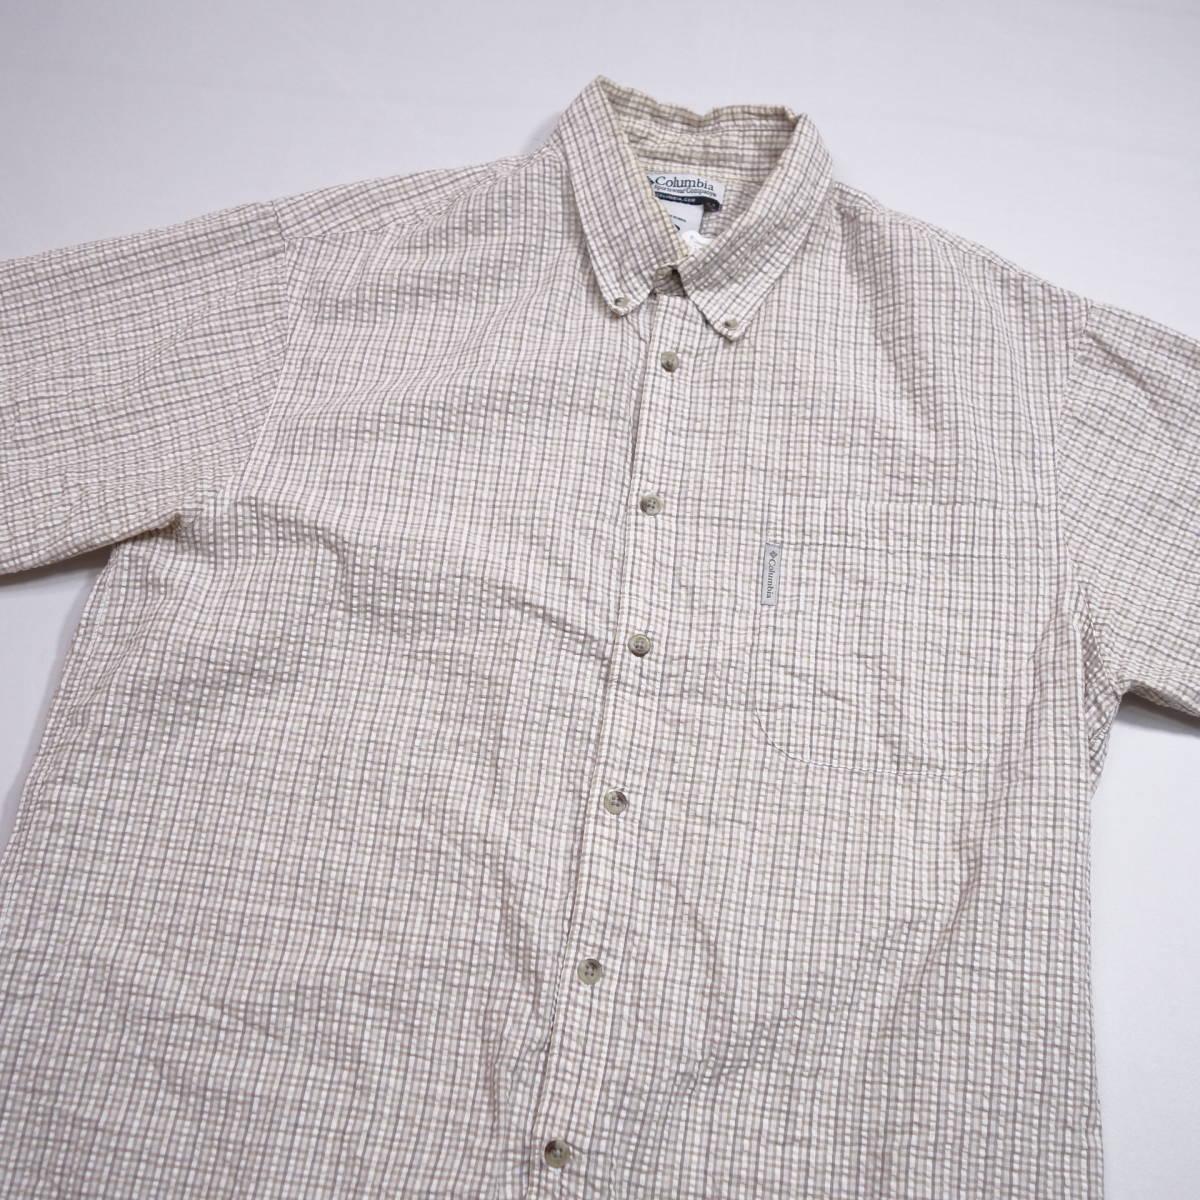 コロンビア Columbia チェックシャツ 半袖 メンズ XL 大きいサイズ ボタンダウン シワ加工 Yシャツ アメリカ USA直輸入 古着 MNO-3-6-0003_画像3